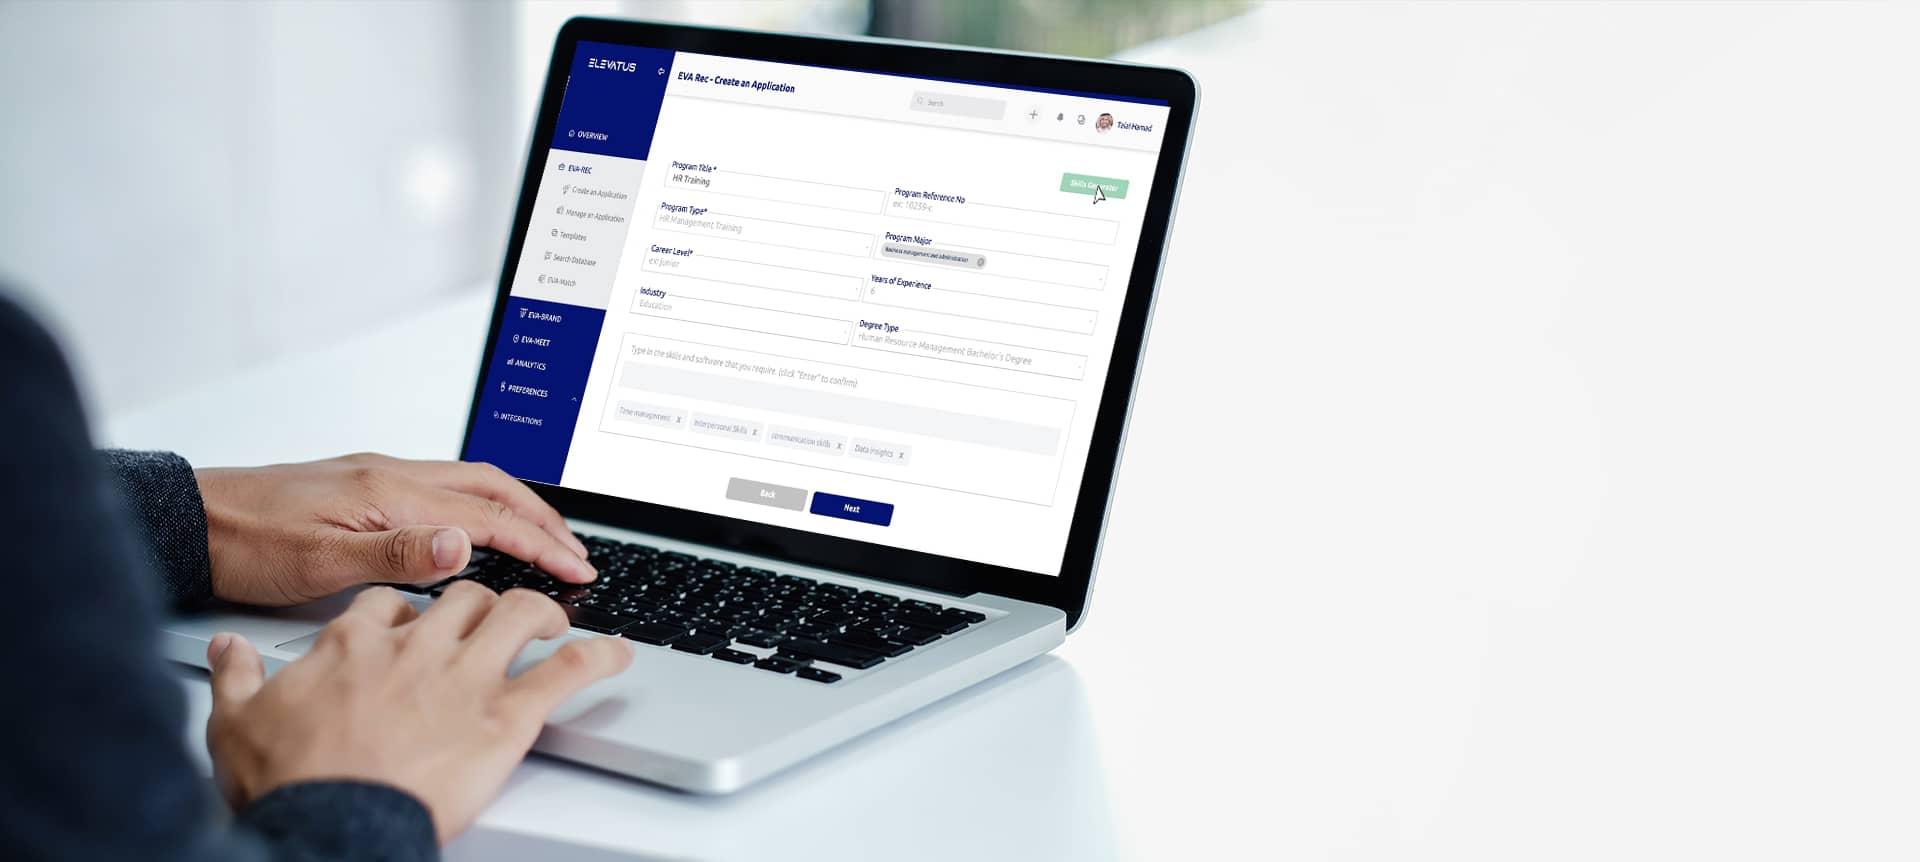 Laptop showing virtual hiring software